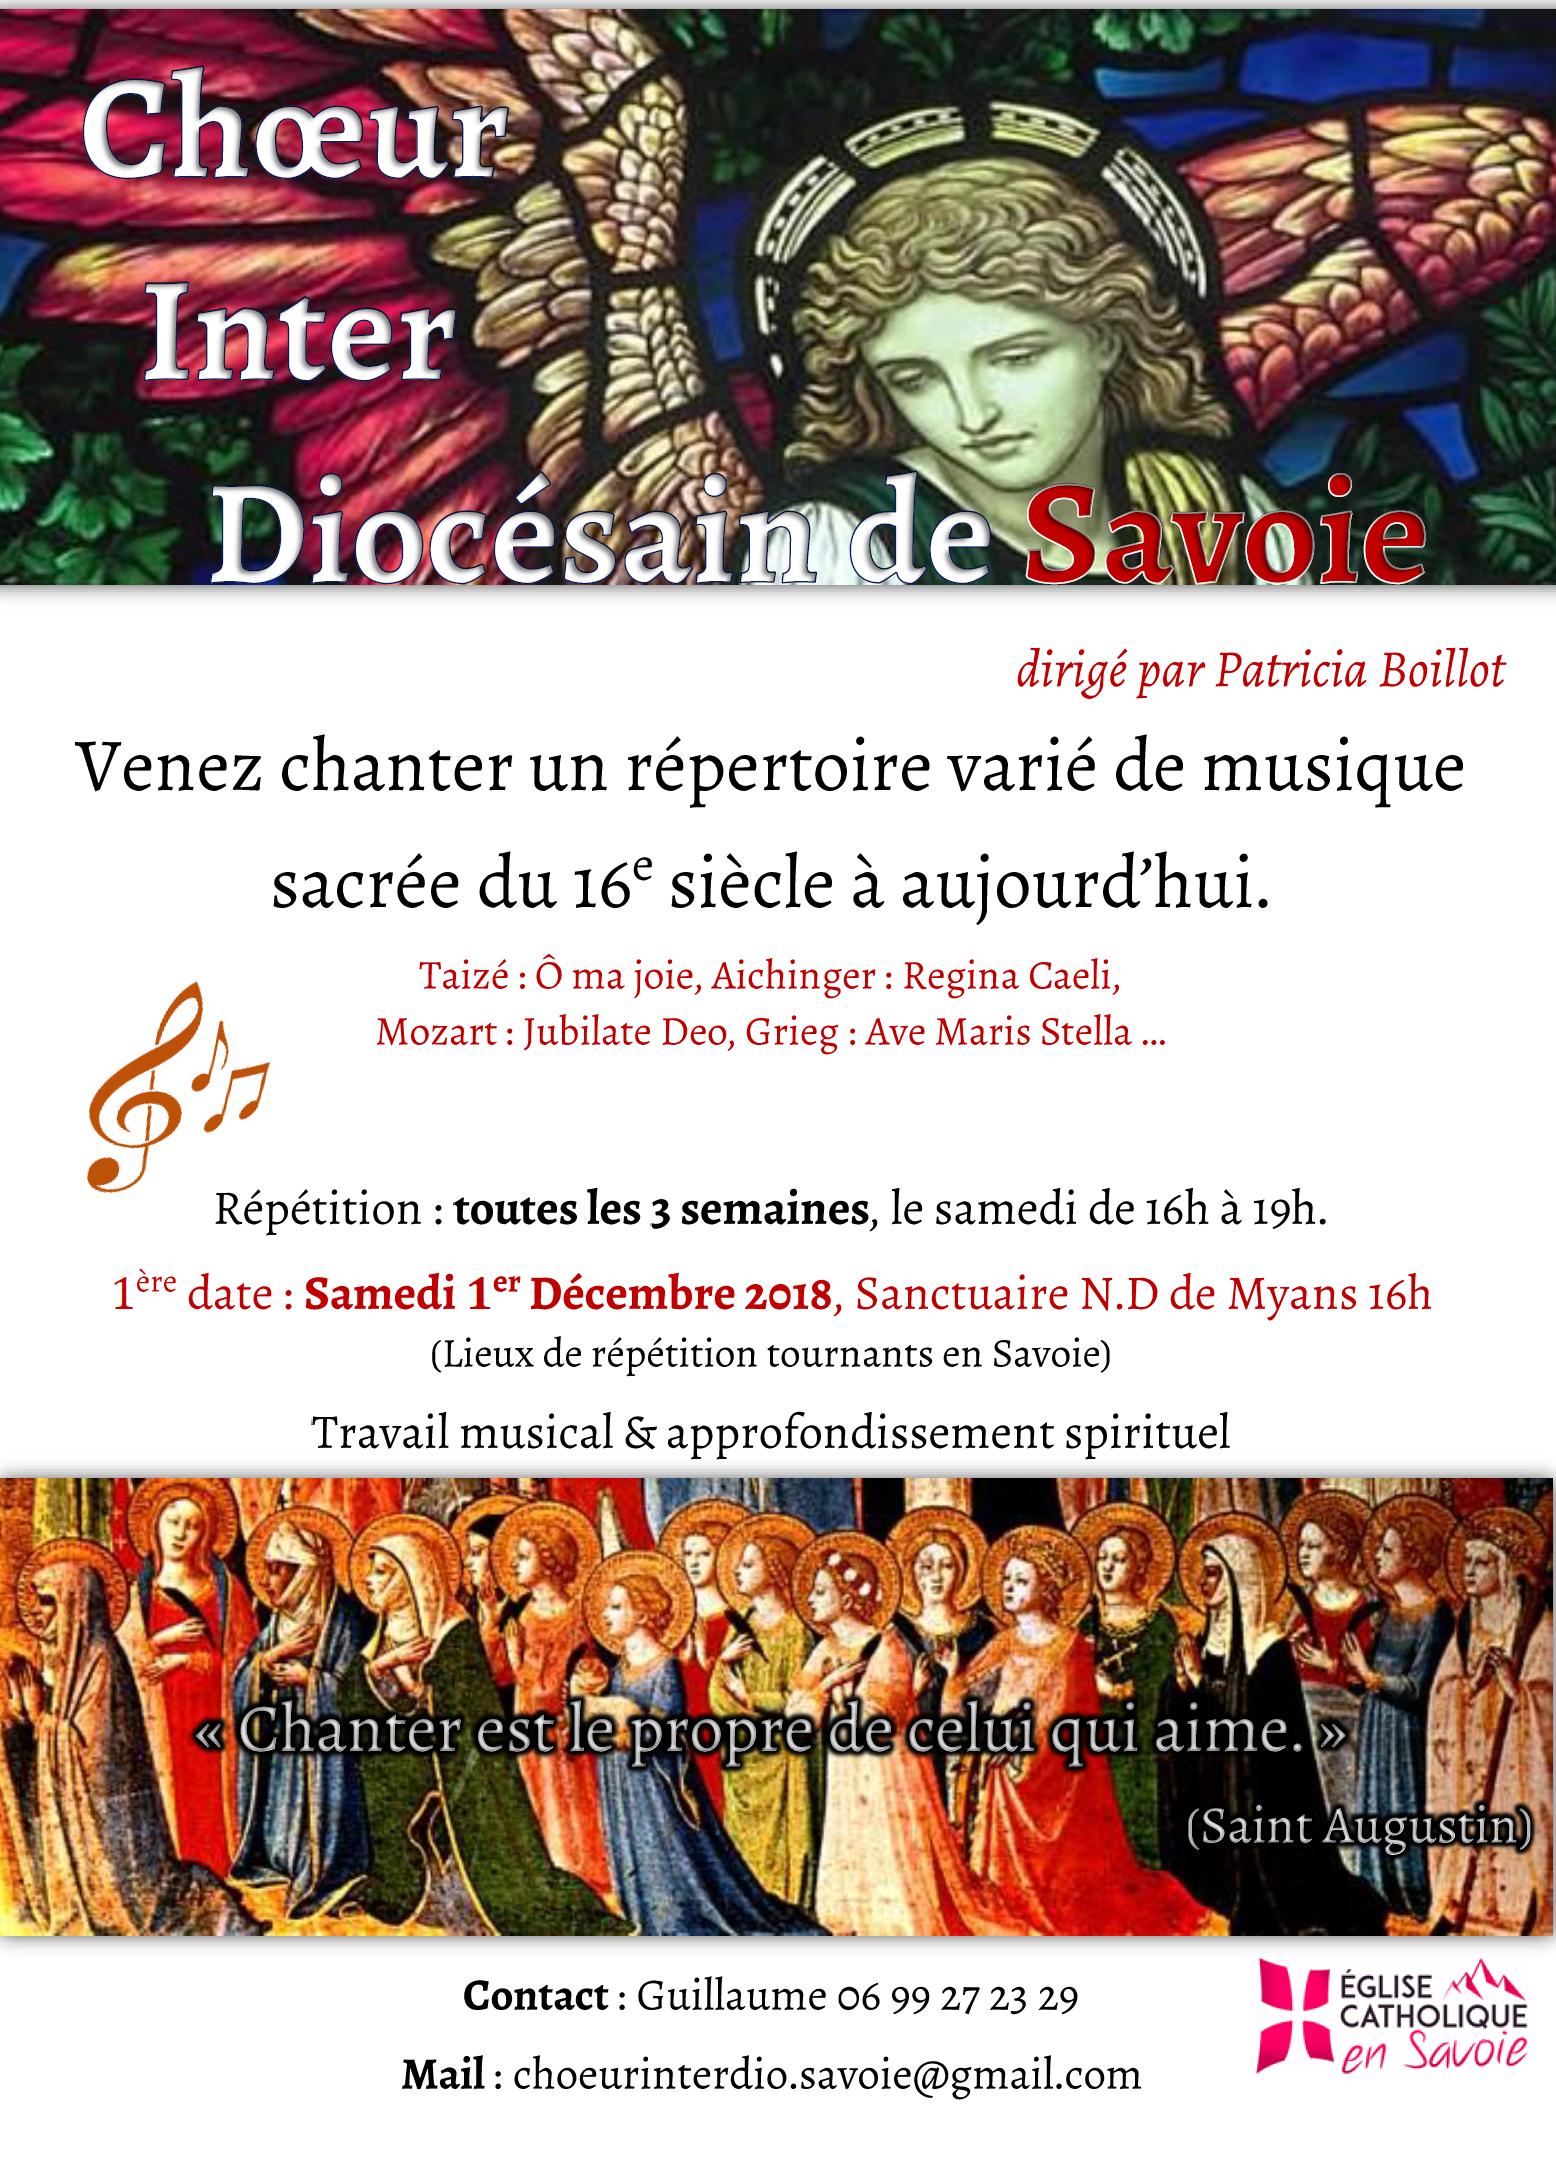 Création d'un chœur inter-diocésain de Savoie – 1ère rencontre le 1er décembre 2018 à Myans (73)